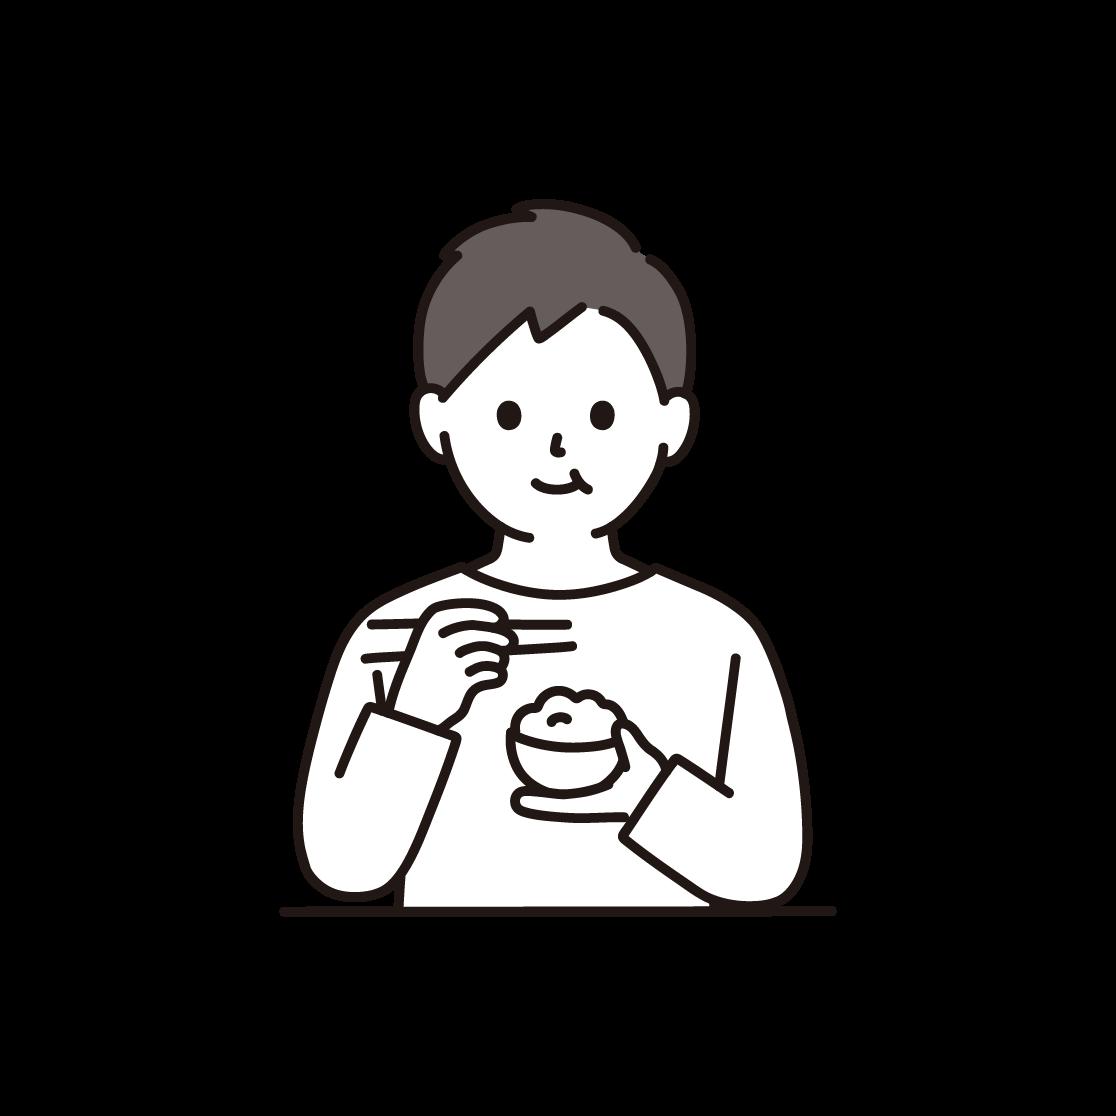 食事をする男性のイラスト